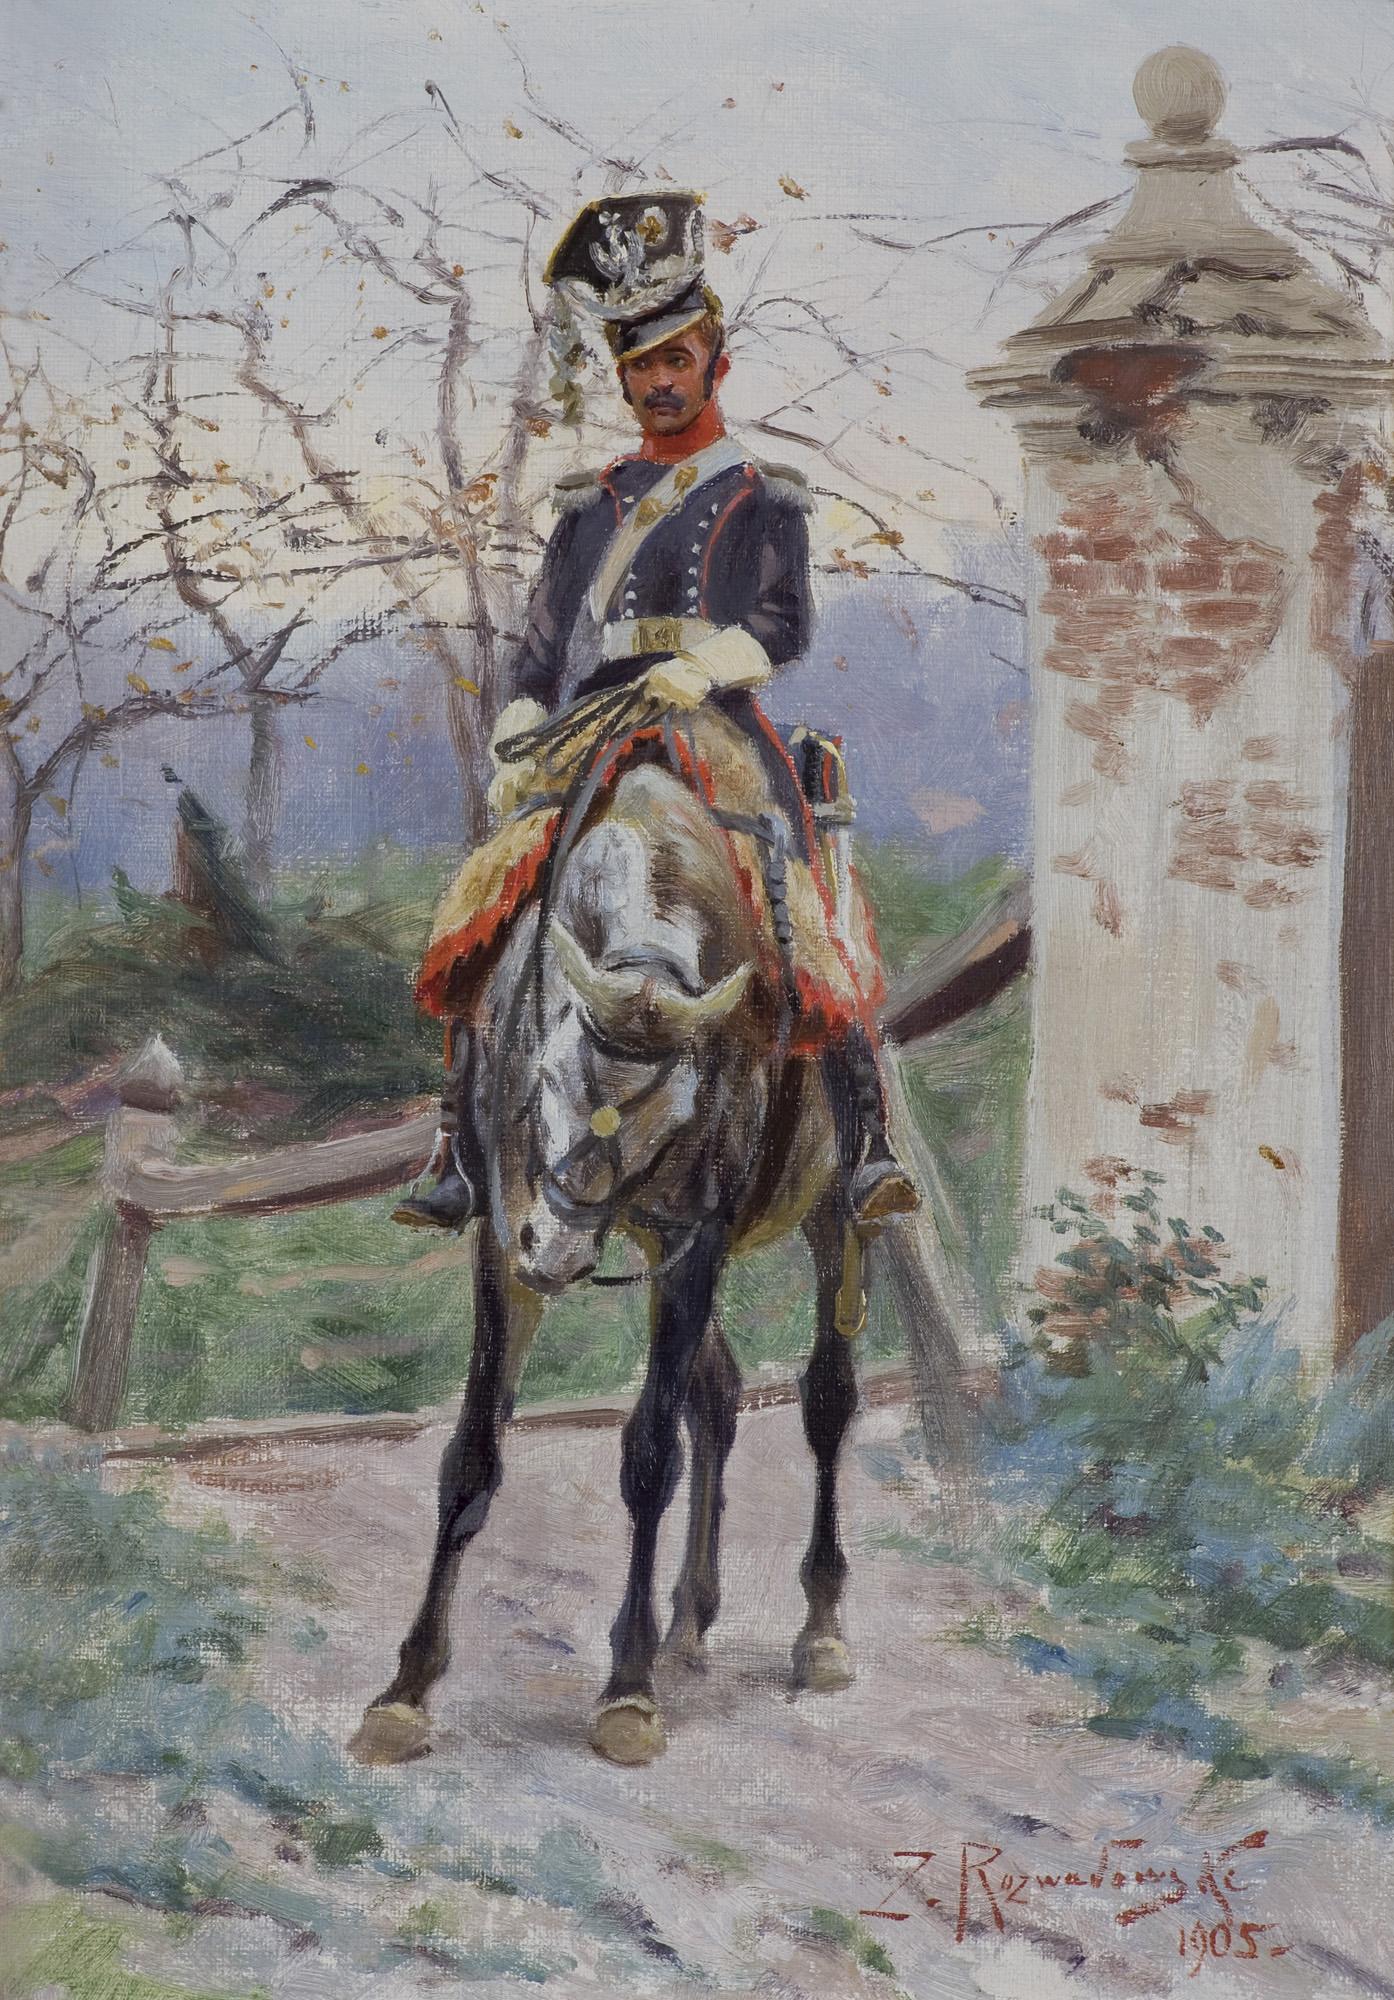 UŁAN KSIĘSTWA WARSZAWSKIEGO, 1905